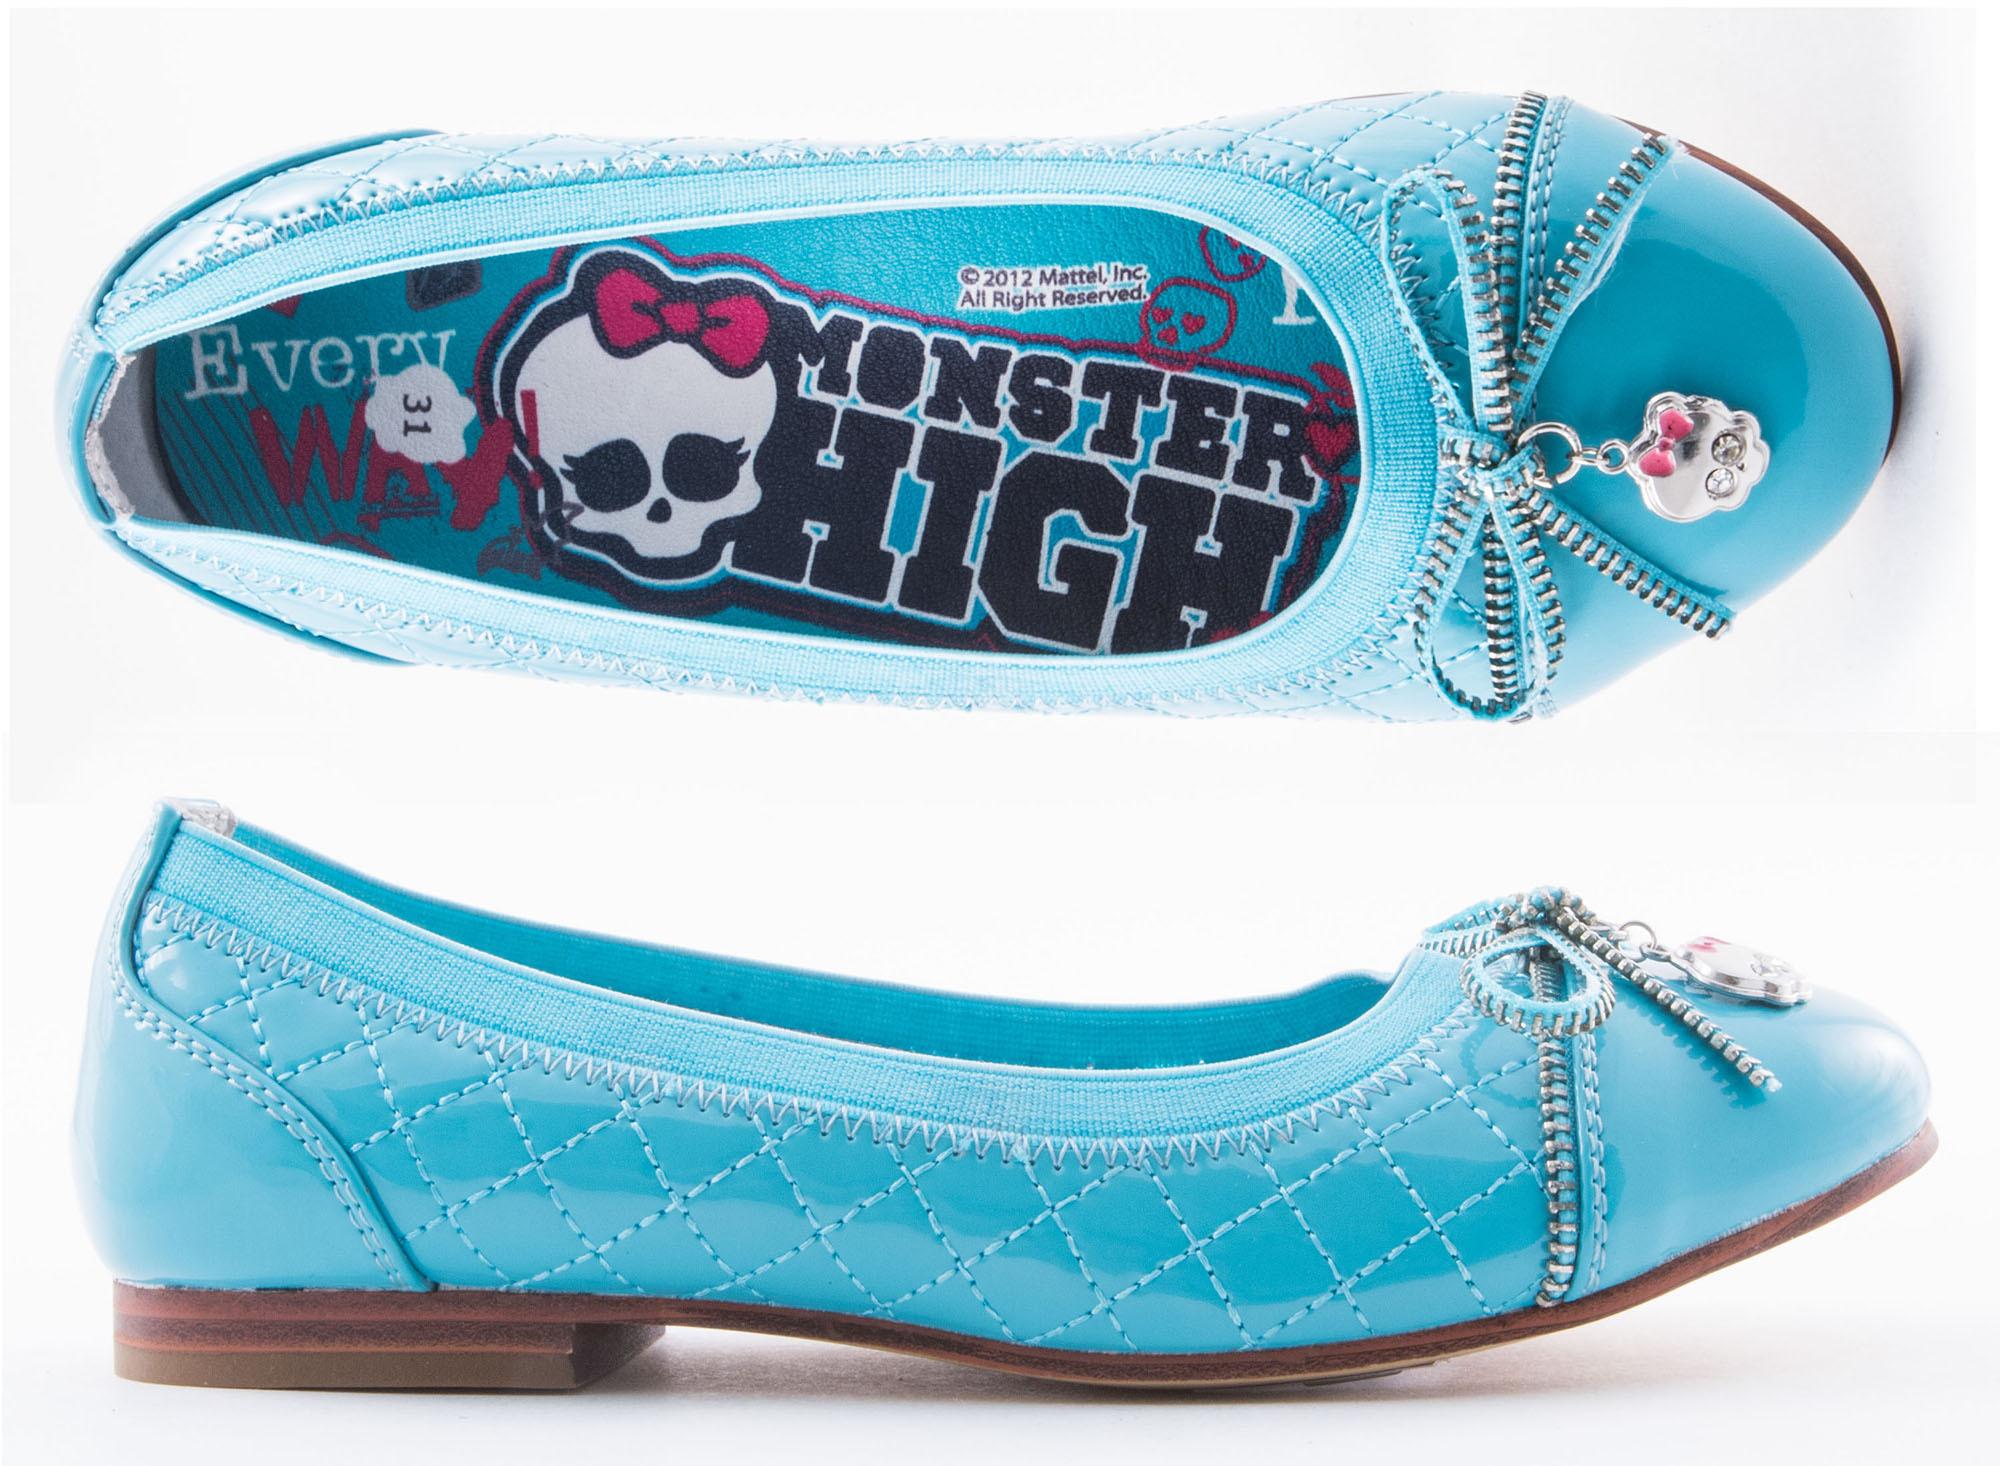 Балетки Монстер Хай (Monster High) лакированные для девочек, цвет голубой